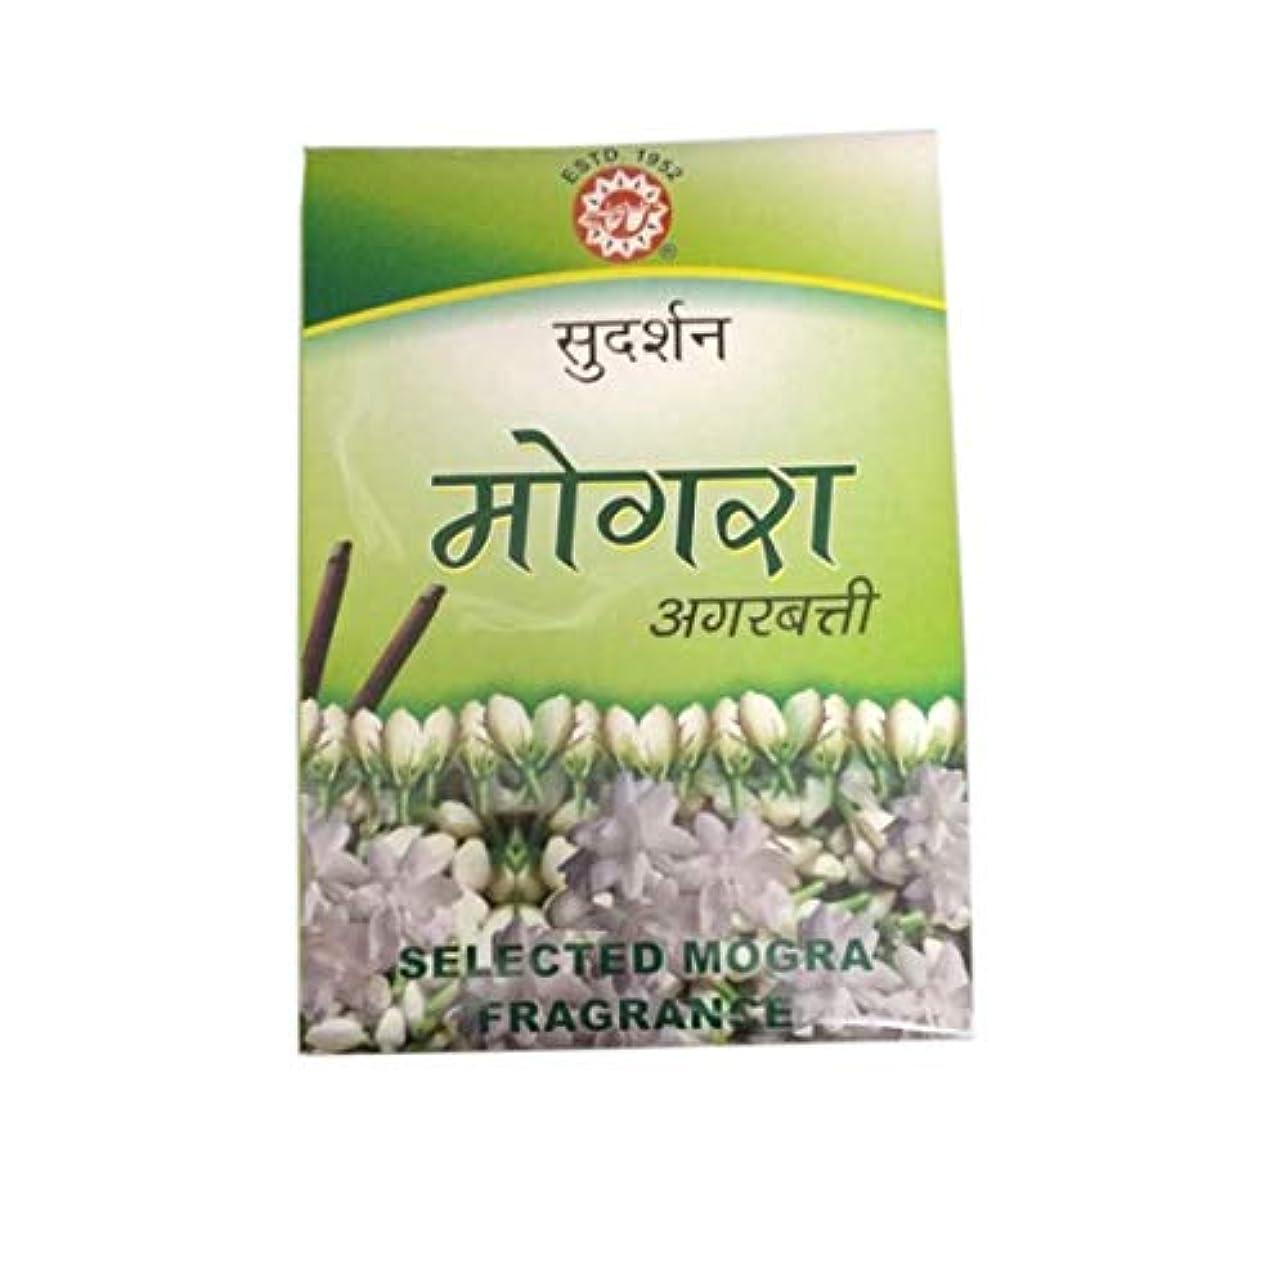 ドリンク歩く最大Sudarshan Mogra Agarbatti - 12 Sticks Packet 1 Box Fragrance Incense Sticks for Positivity & Freshness Lavender...